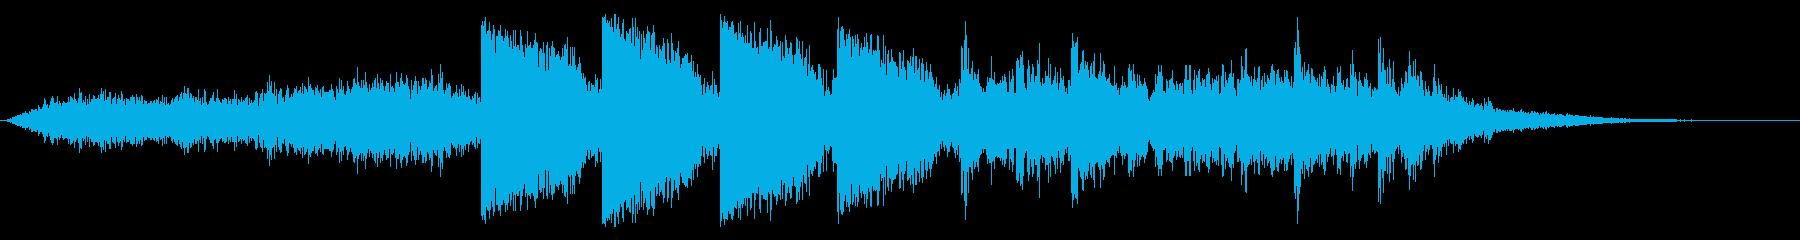 ダークなアンビエント ブラス無60秒版の再生済みの波形